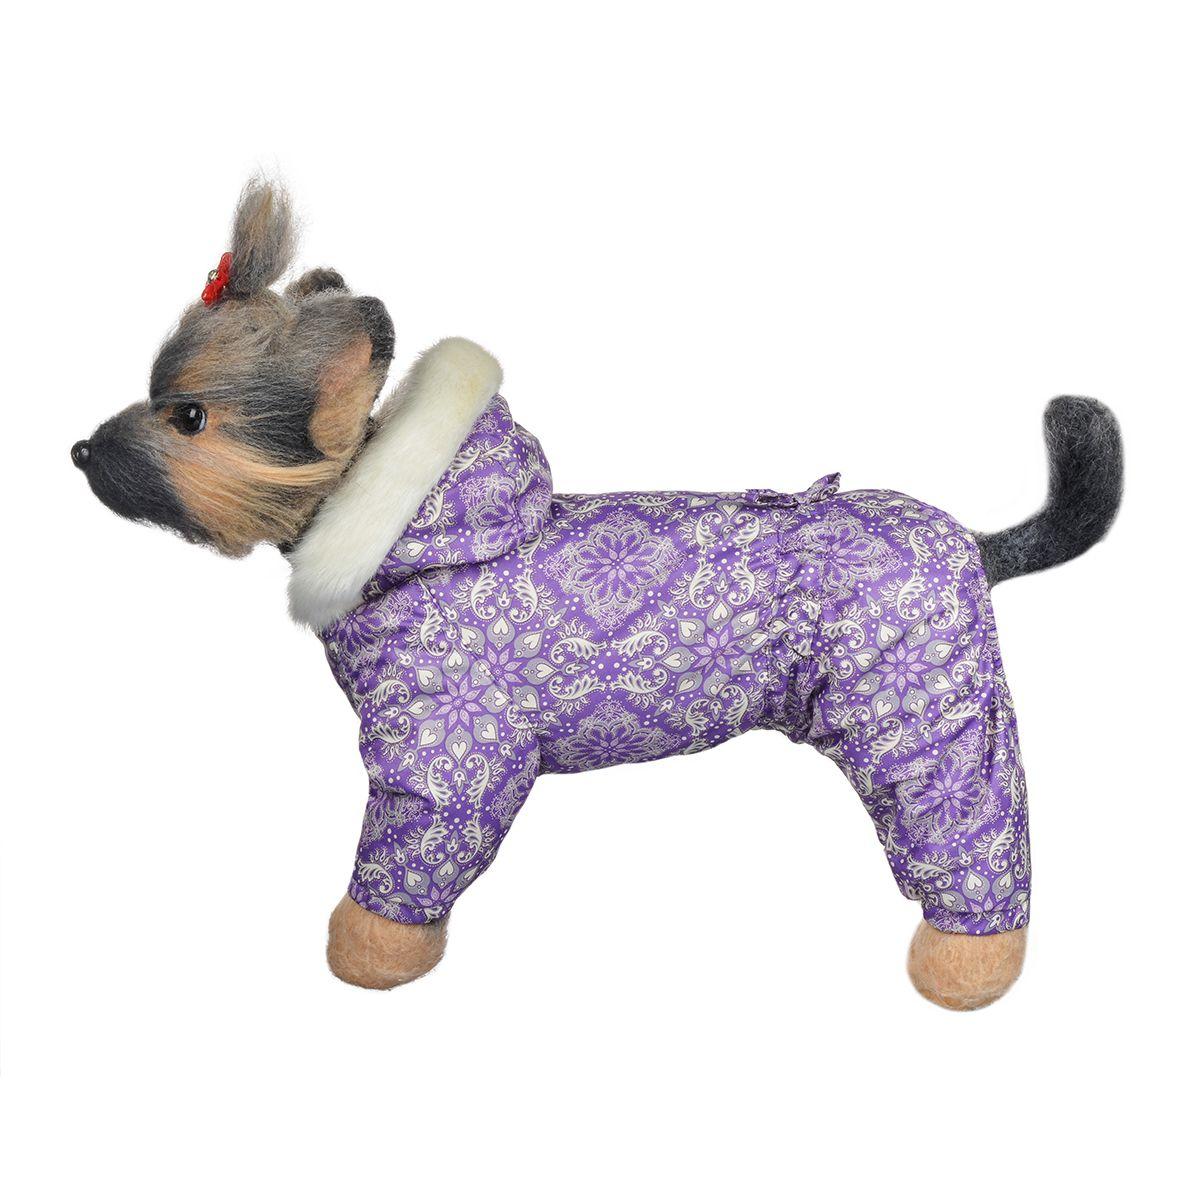 Комбинезон для собак Dogmoda Winter, зимний, для девочки, цвет: фиолетовый, белый, серый. Размер 1 (S)